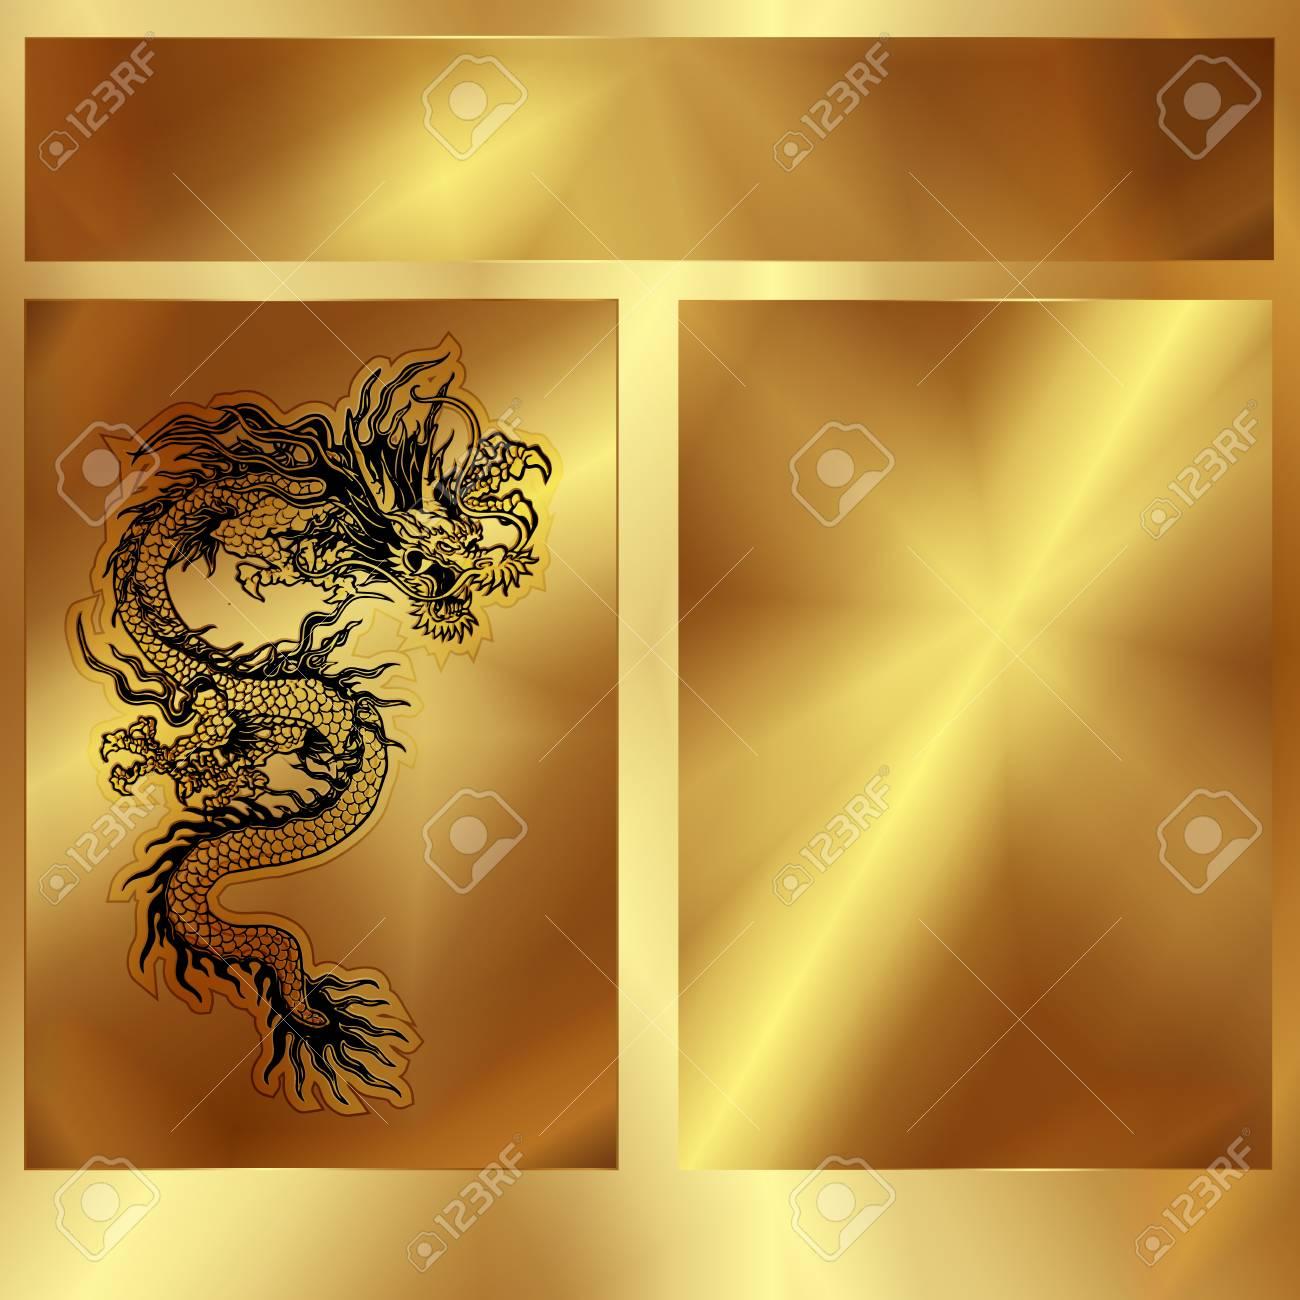 Vektor Goldrahmen Mit Einem Chinesischen Drachen, Gibt Es Einen ...